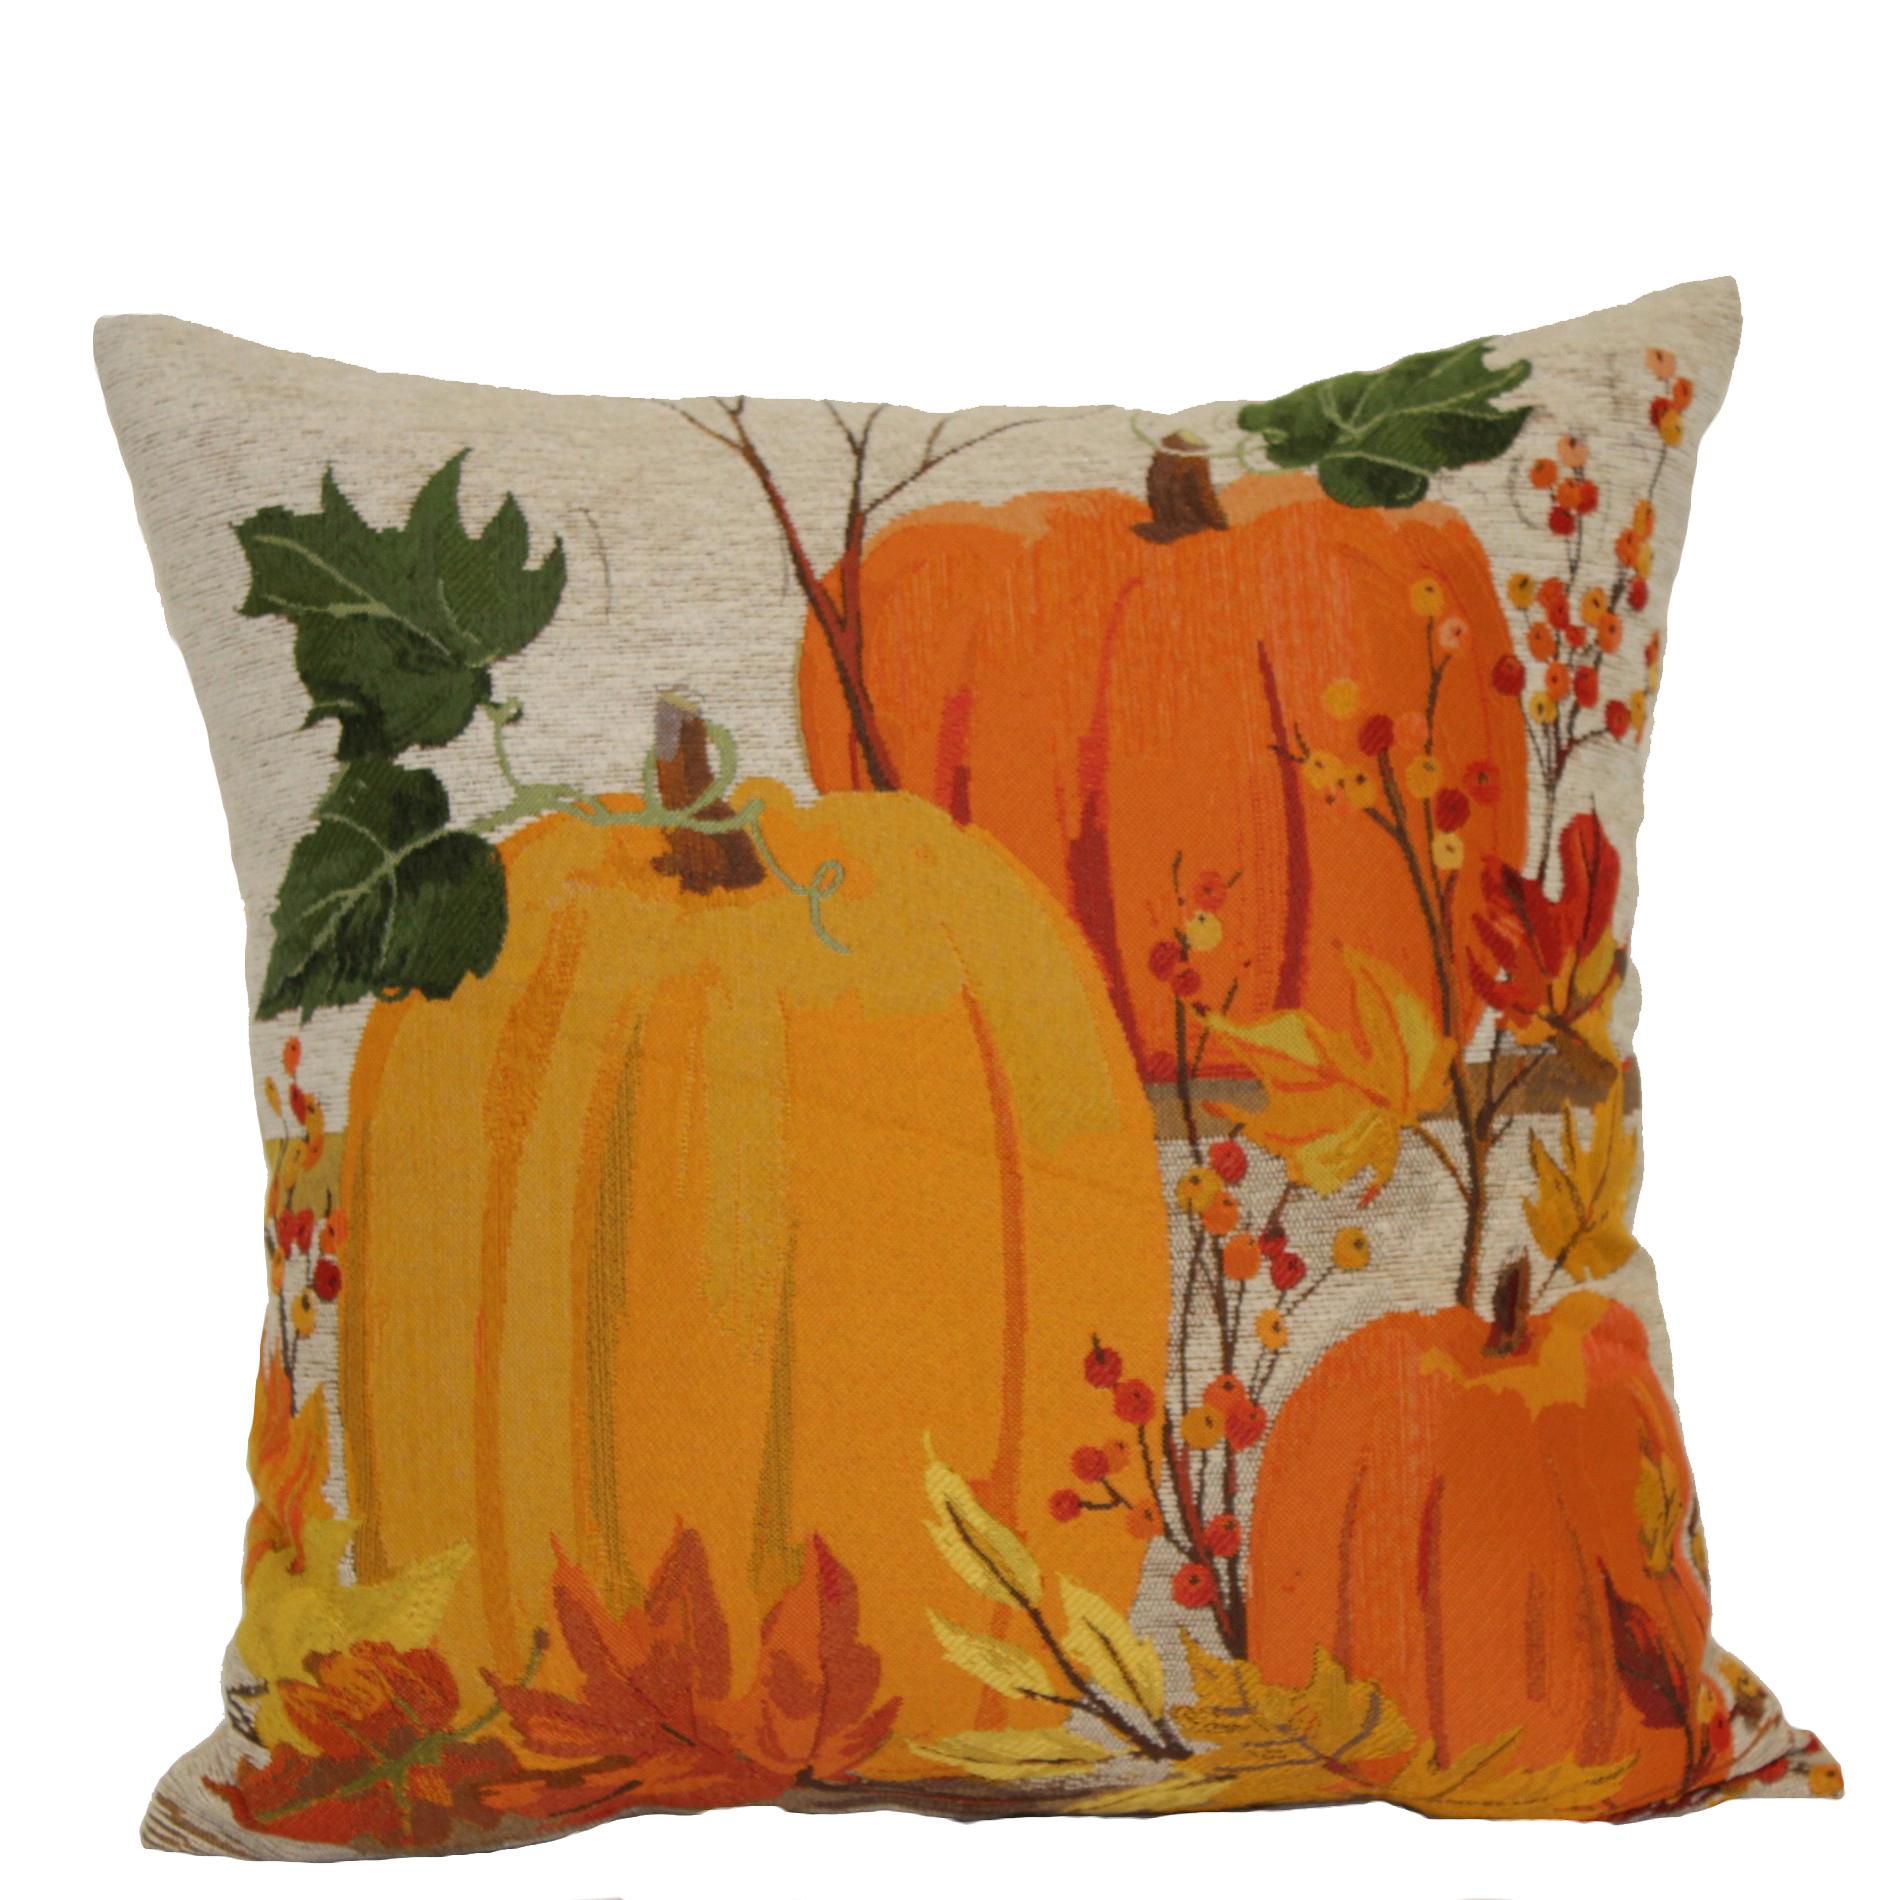 Pumpkin Tapestry Pillow  Home  Home Decor  Pillows